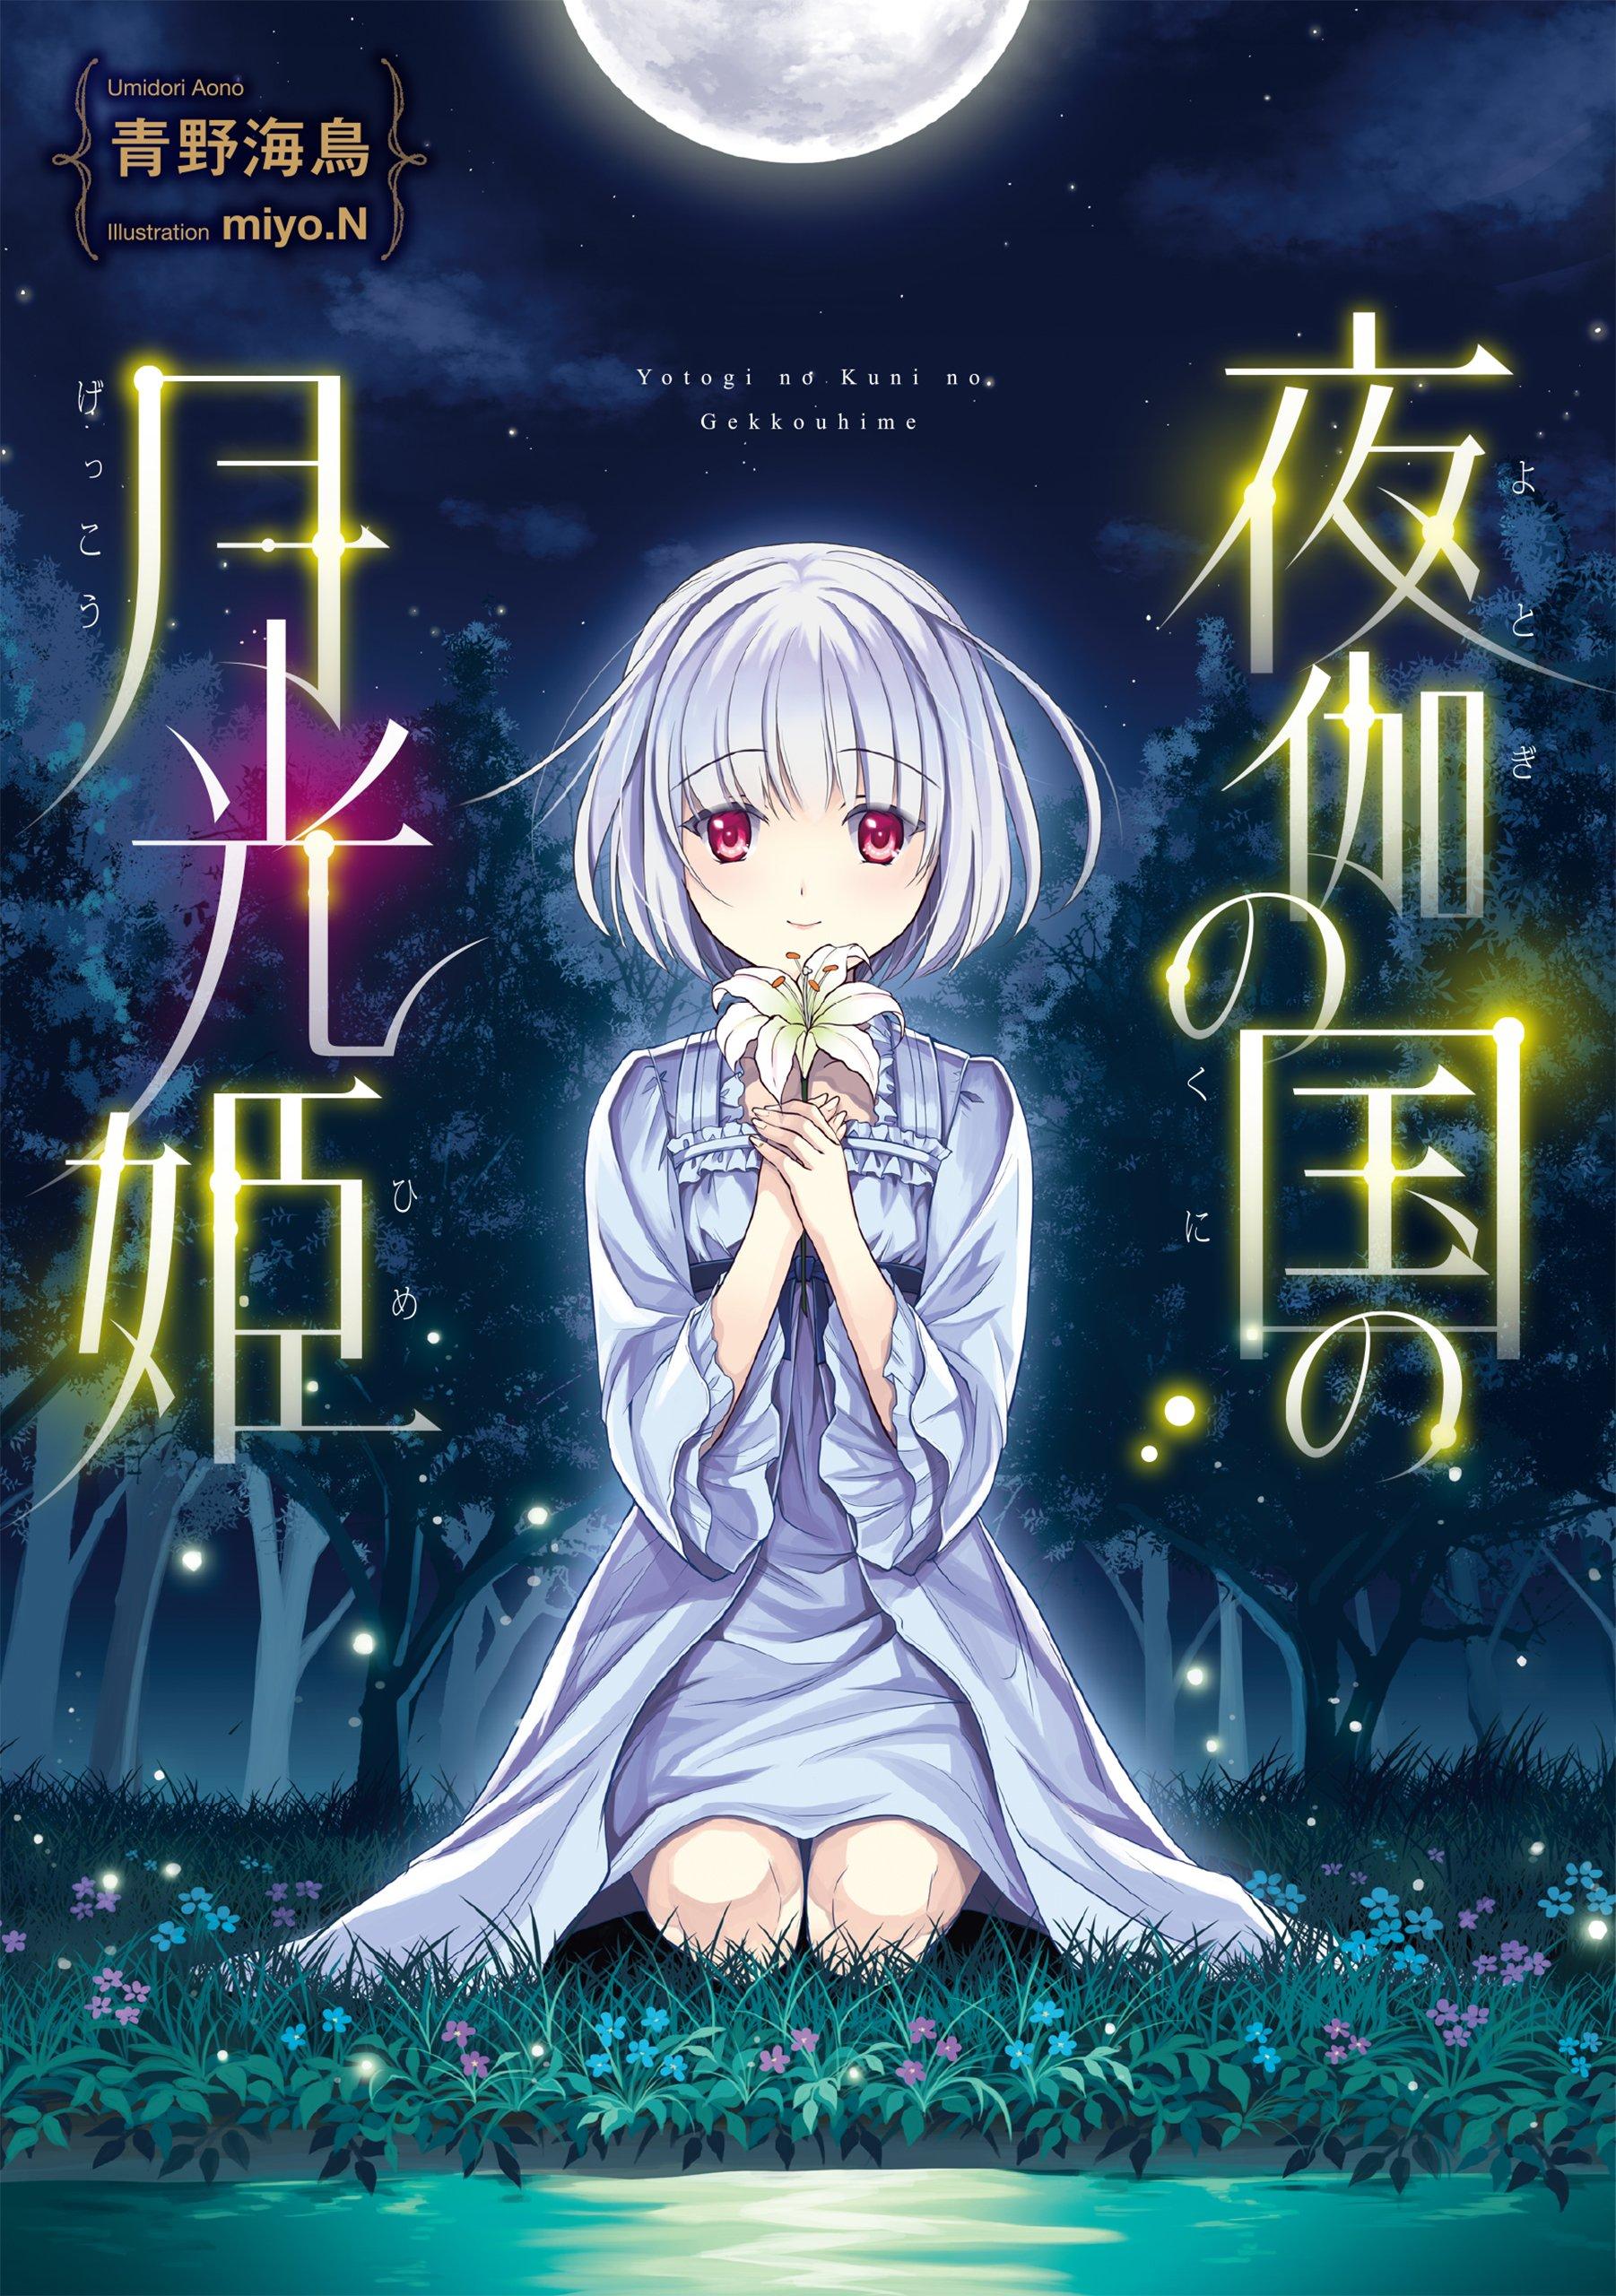 【ライトノベル】夜伽の国の月光姫 1巻